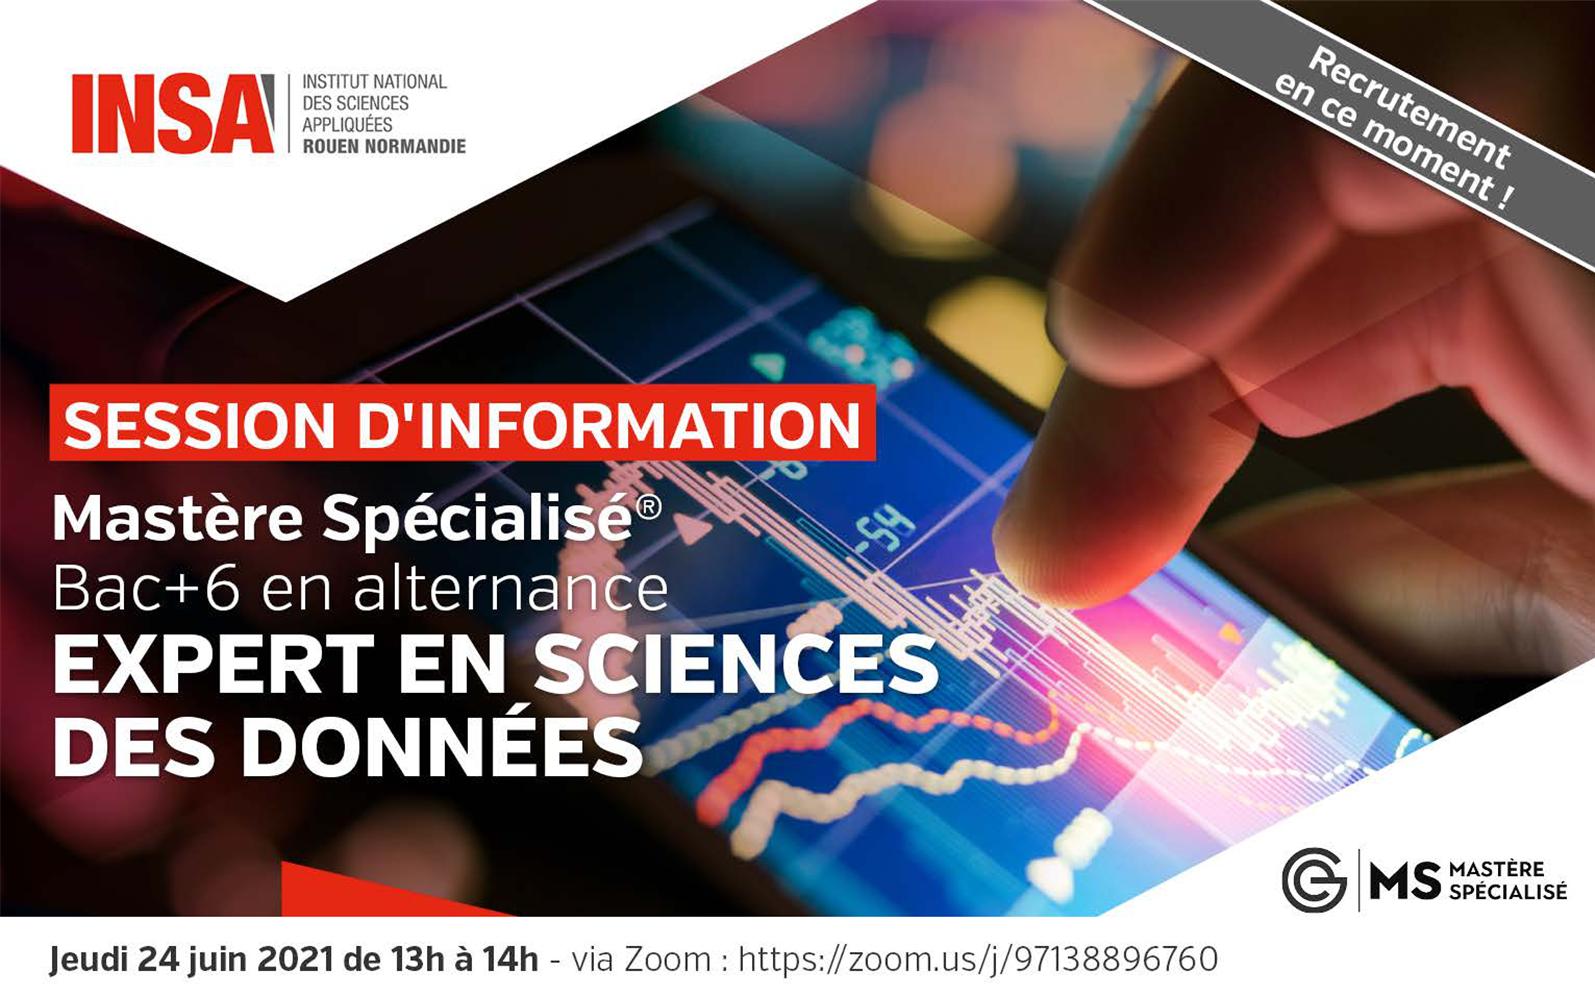 [#DataScientist en alternance en 2021 – RNCP @insarouen] Presentation sur Zoom le 24 juin 2021 à 13h – MS Expert en Sciences des Données de l'INSA Rouen